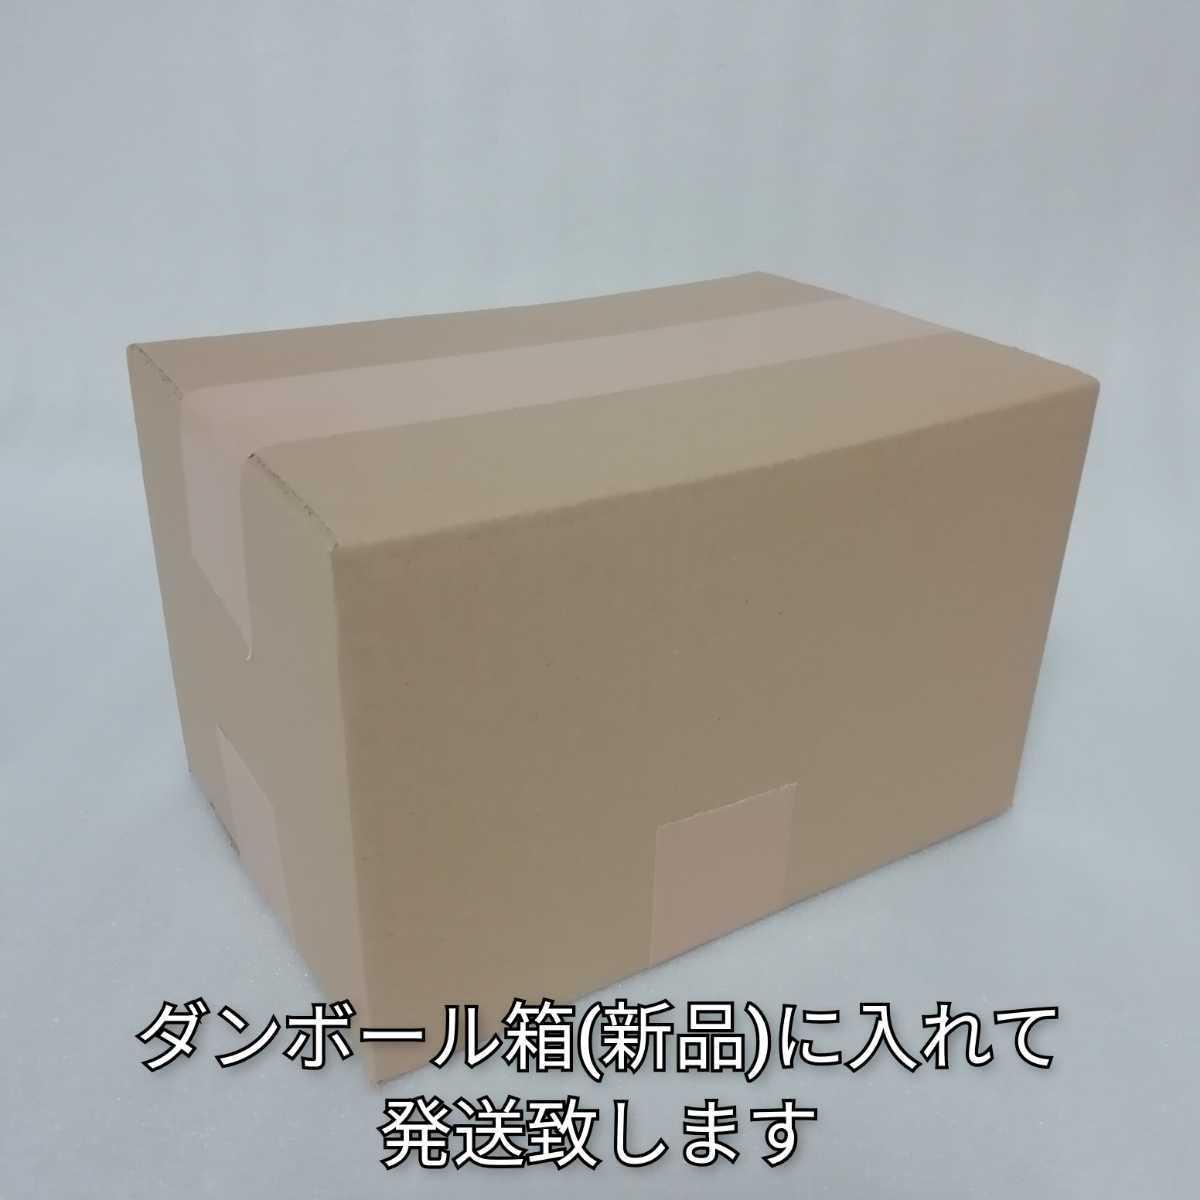 クラブハリエ 2種類2箱 バームクーヘンmini 7.7cm 11.5cm バームクーヘン バウムクーヘン クラブハリエ お菓子 詰め合わせ_画像4